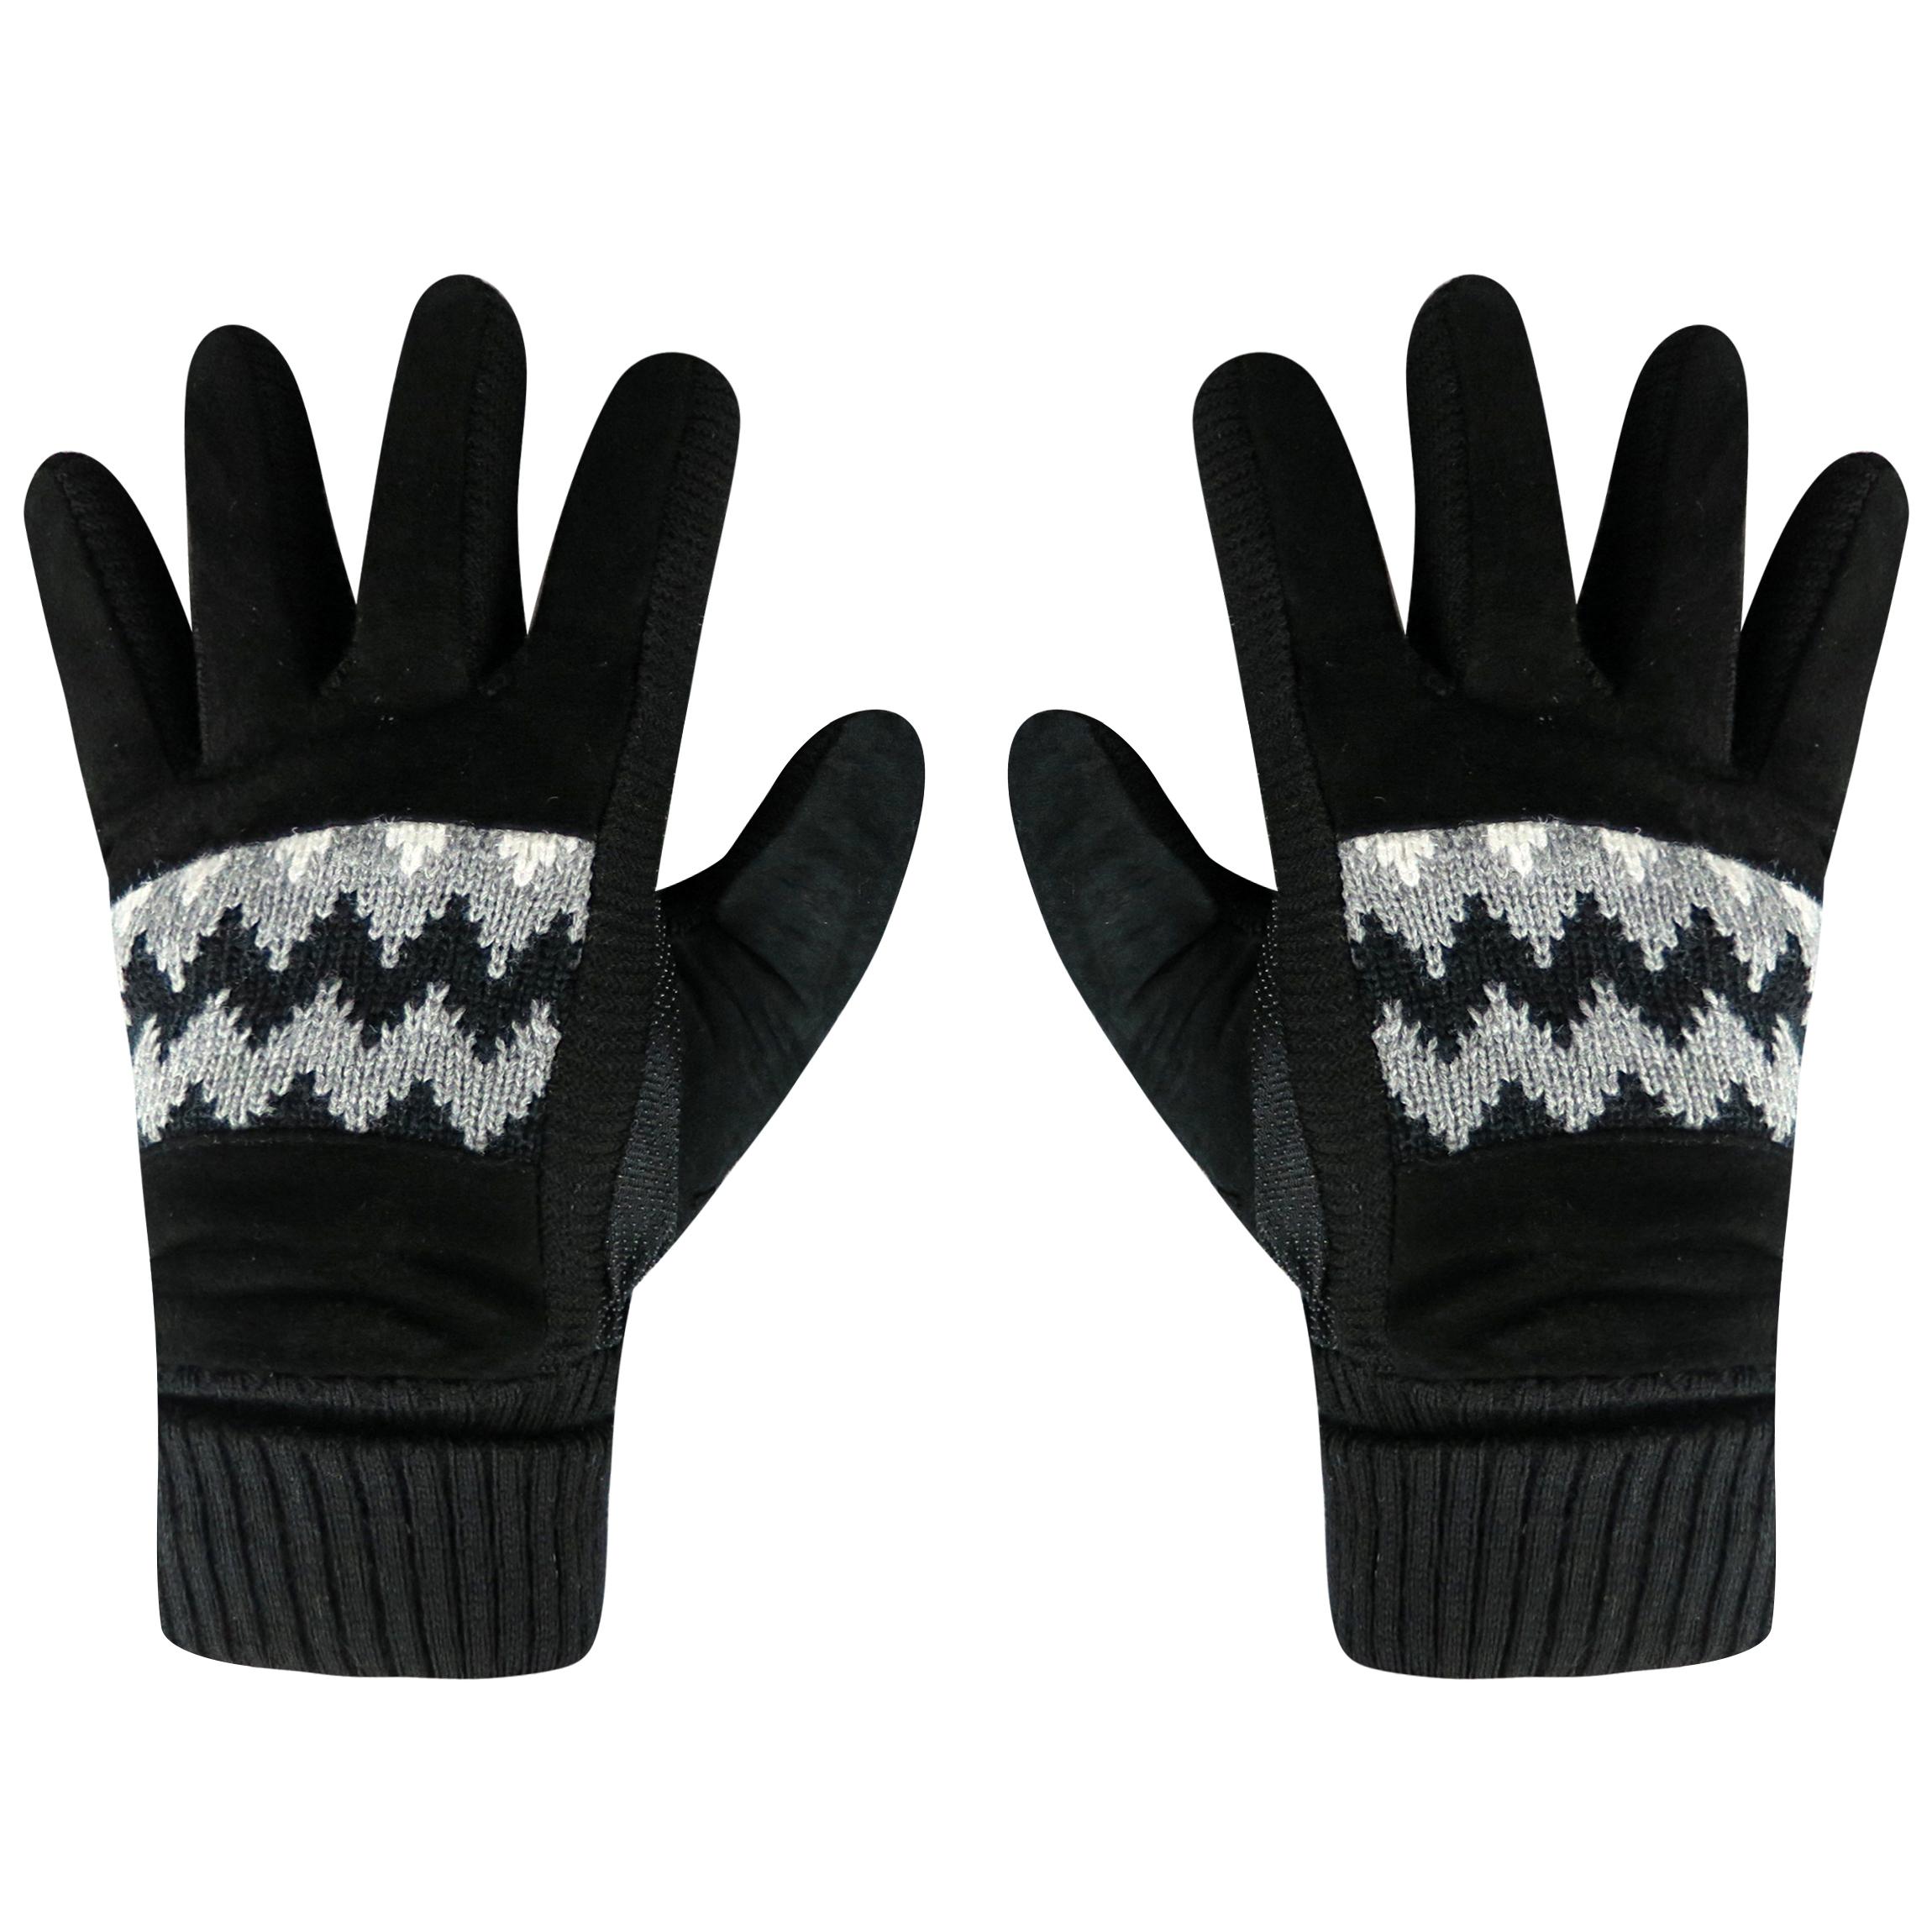 دستکش مردانه مدل Wk01